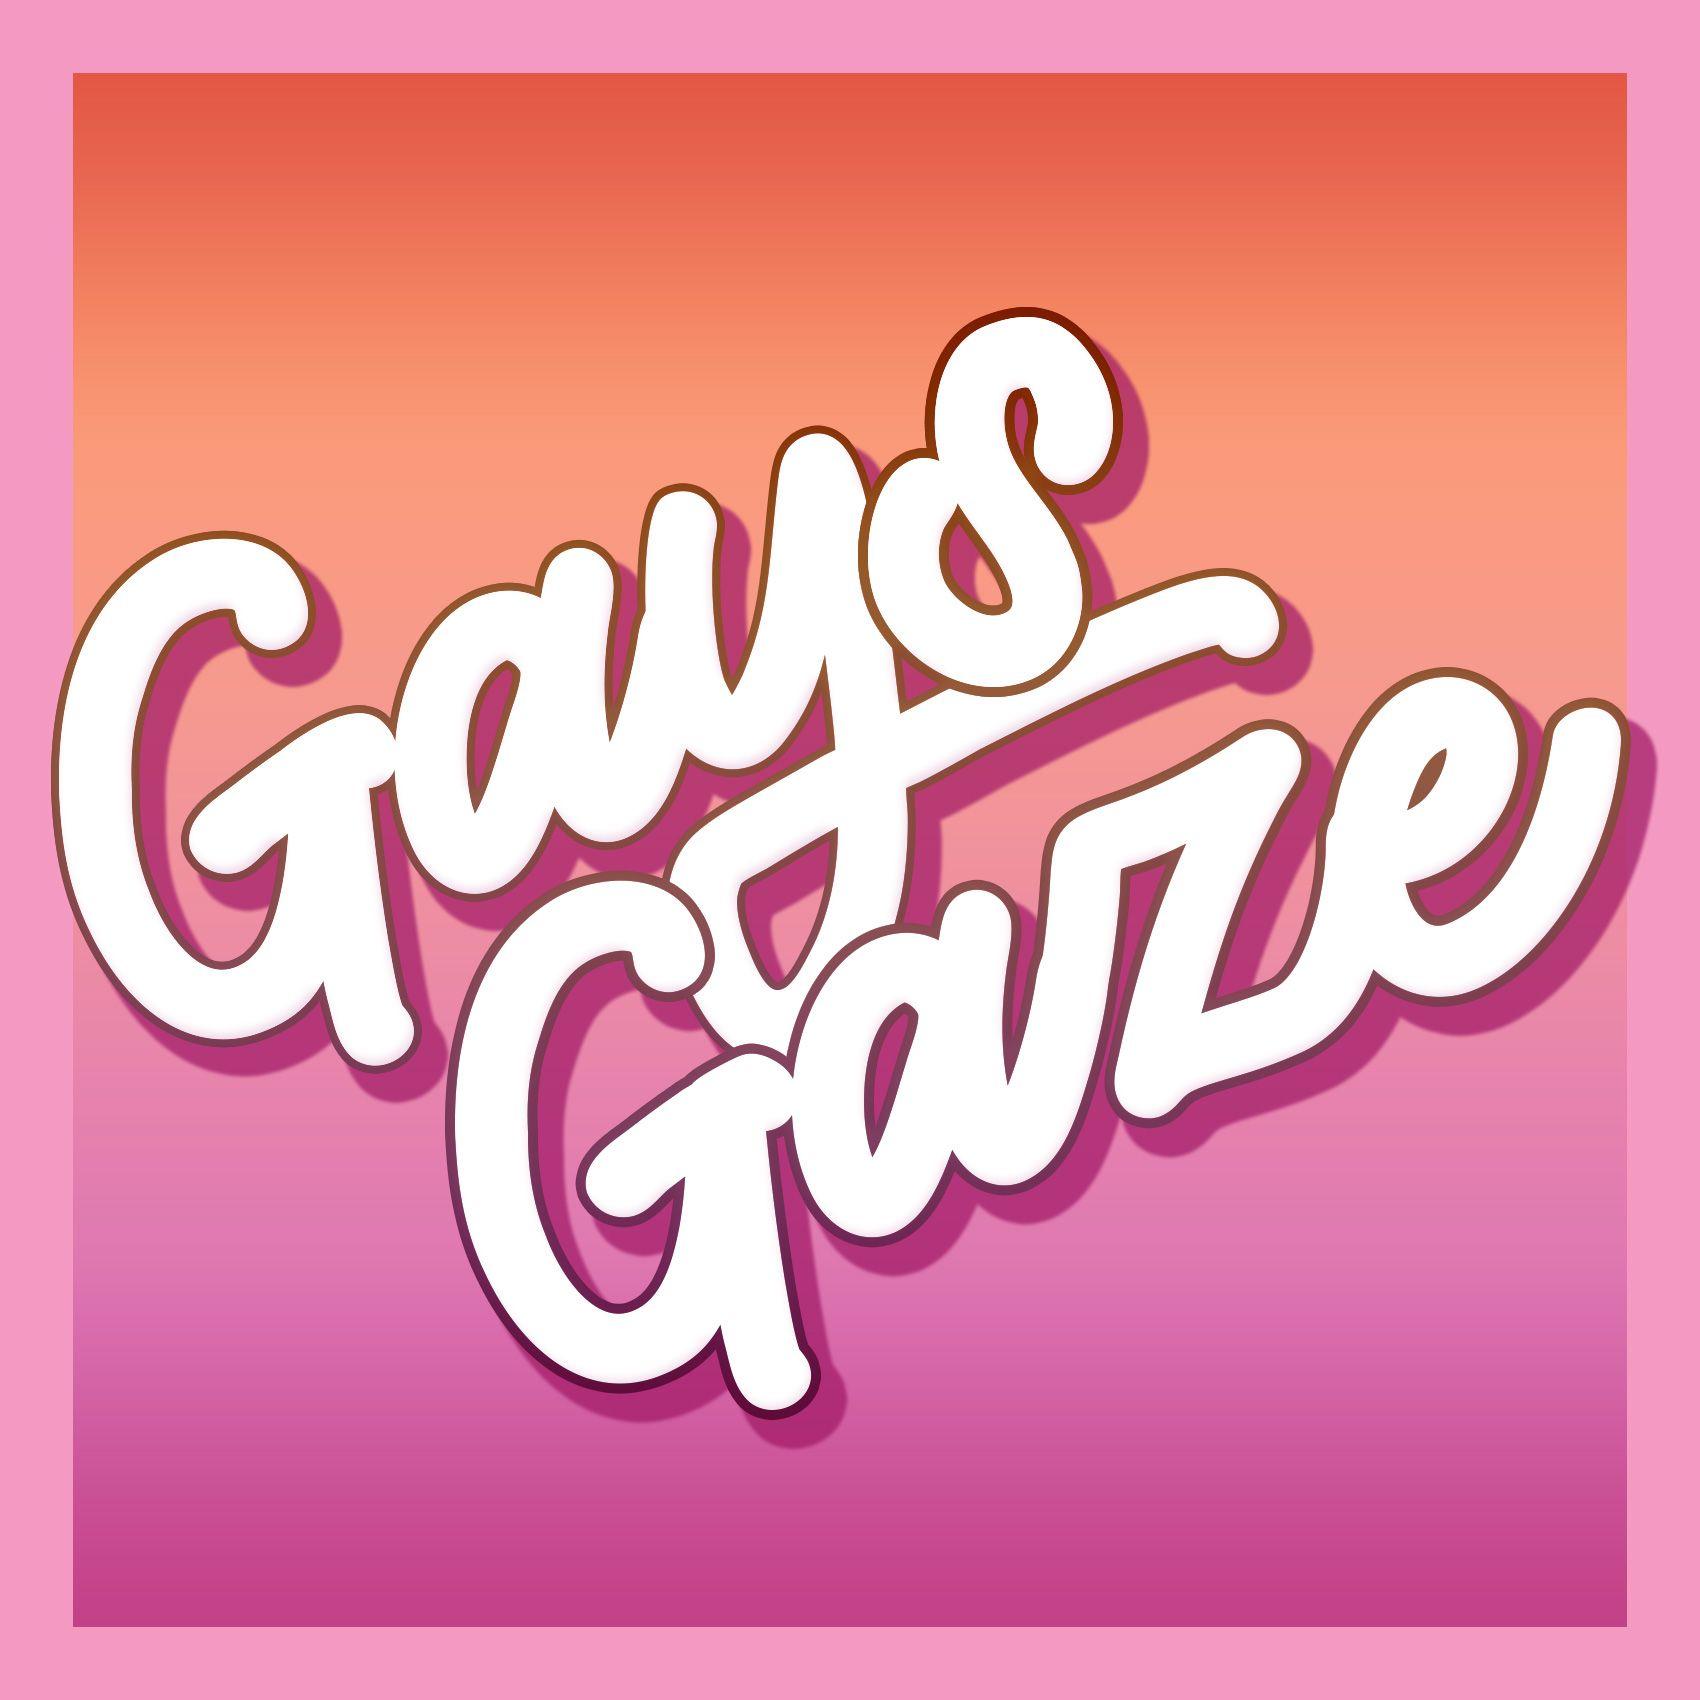 Gays Gaze